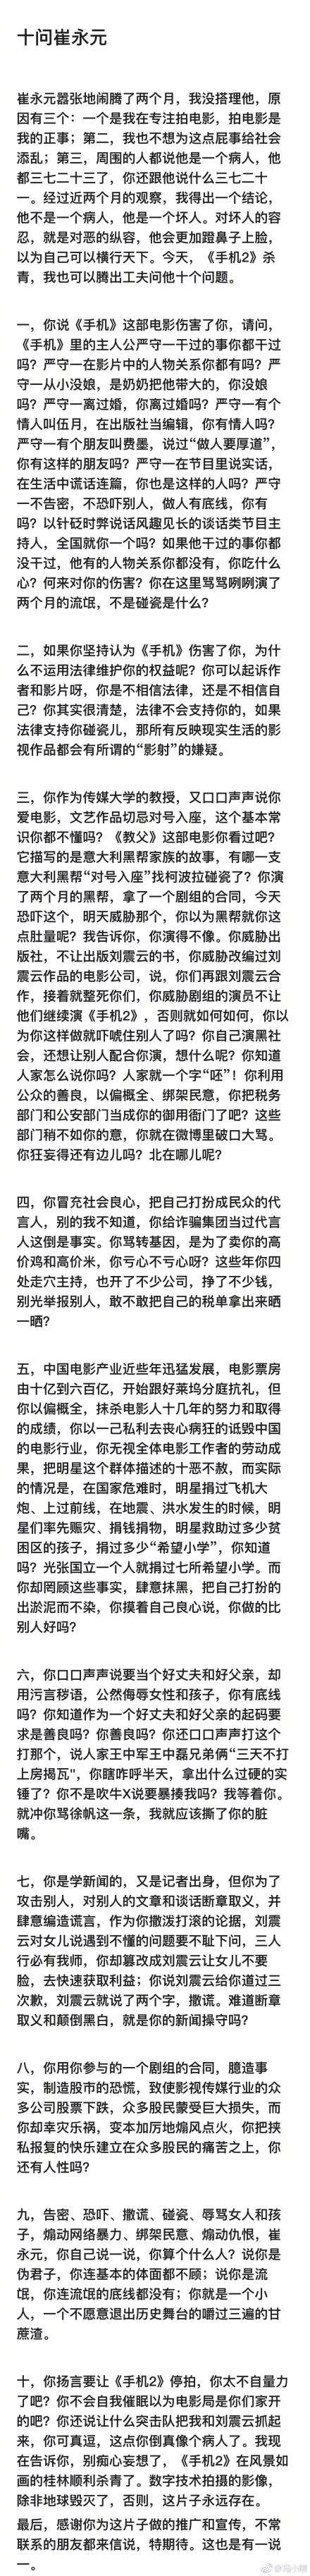 冯小刚十问崔永元